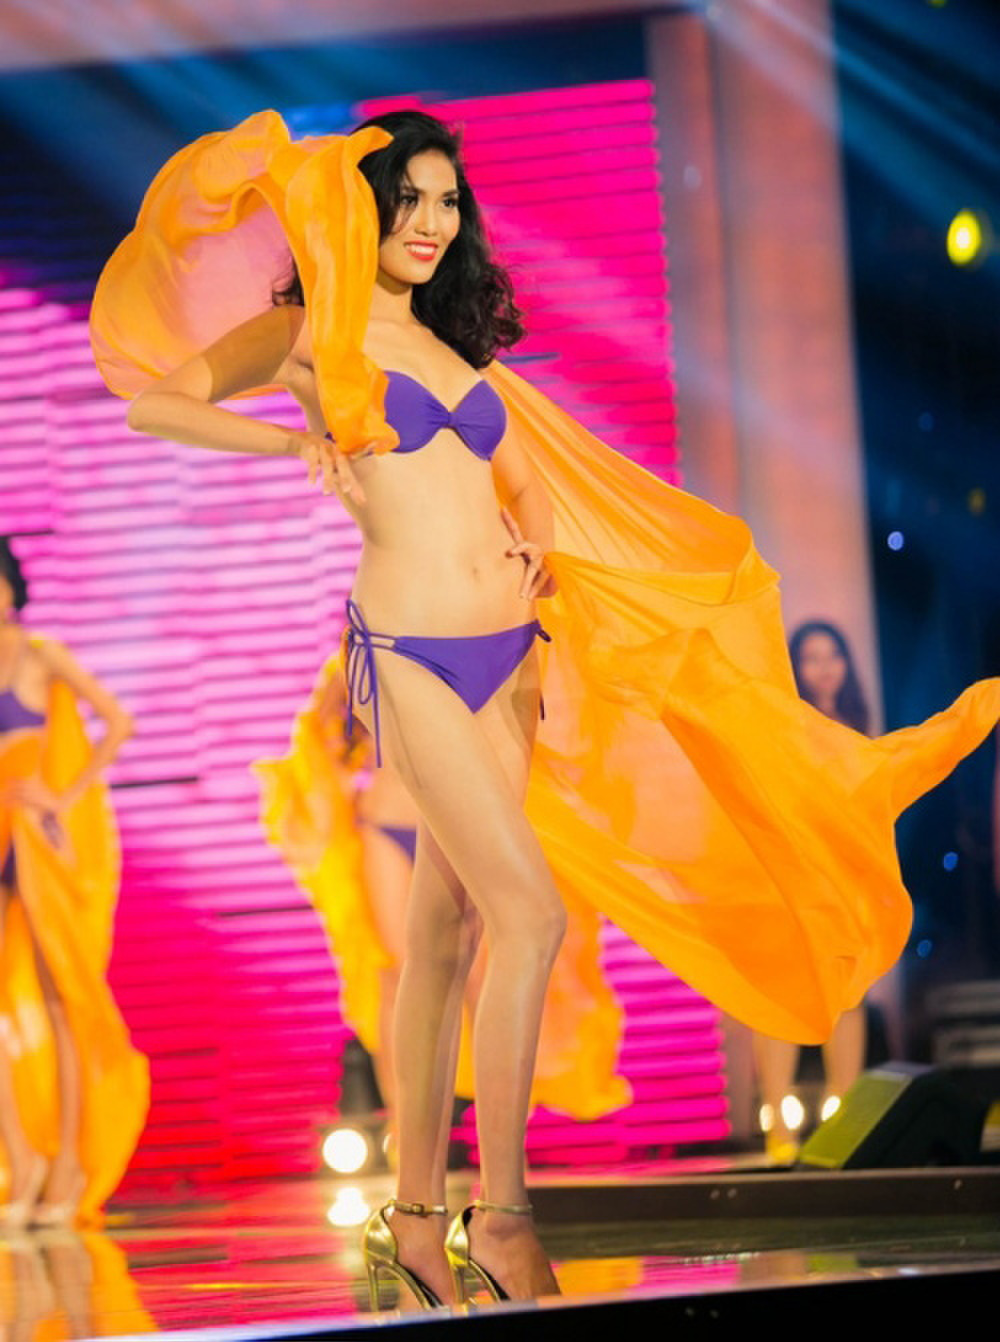 Tài sắc Mẫu Việt: Lan Khuê, Minh Tú - mẫu số chung từng out top đến vinh danh toả sáng Ảnh 3